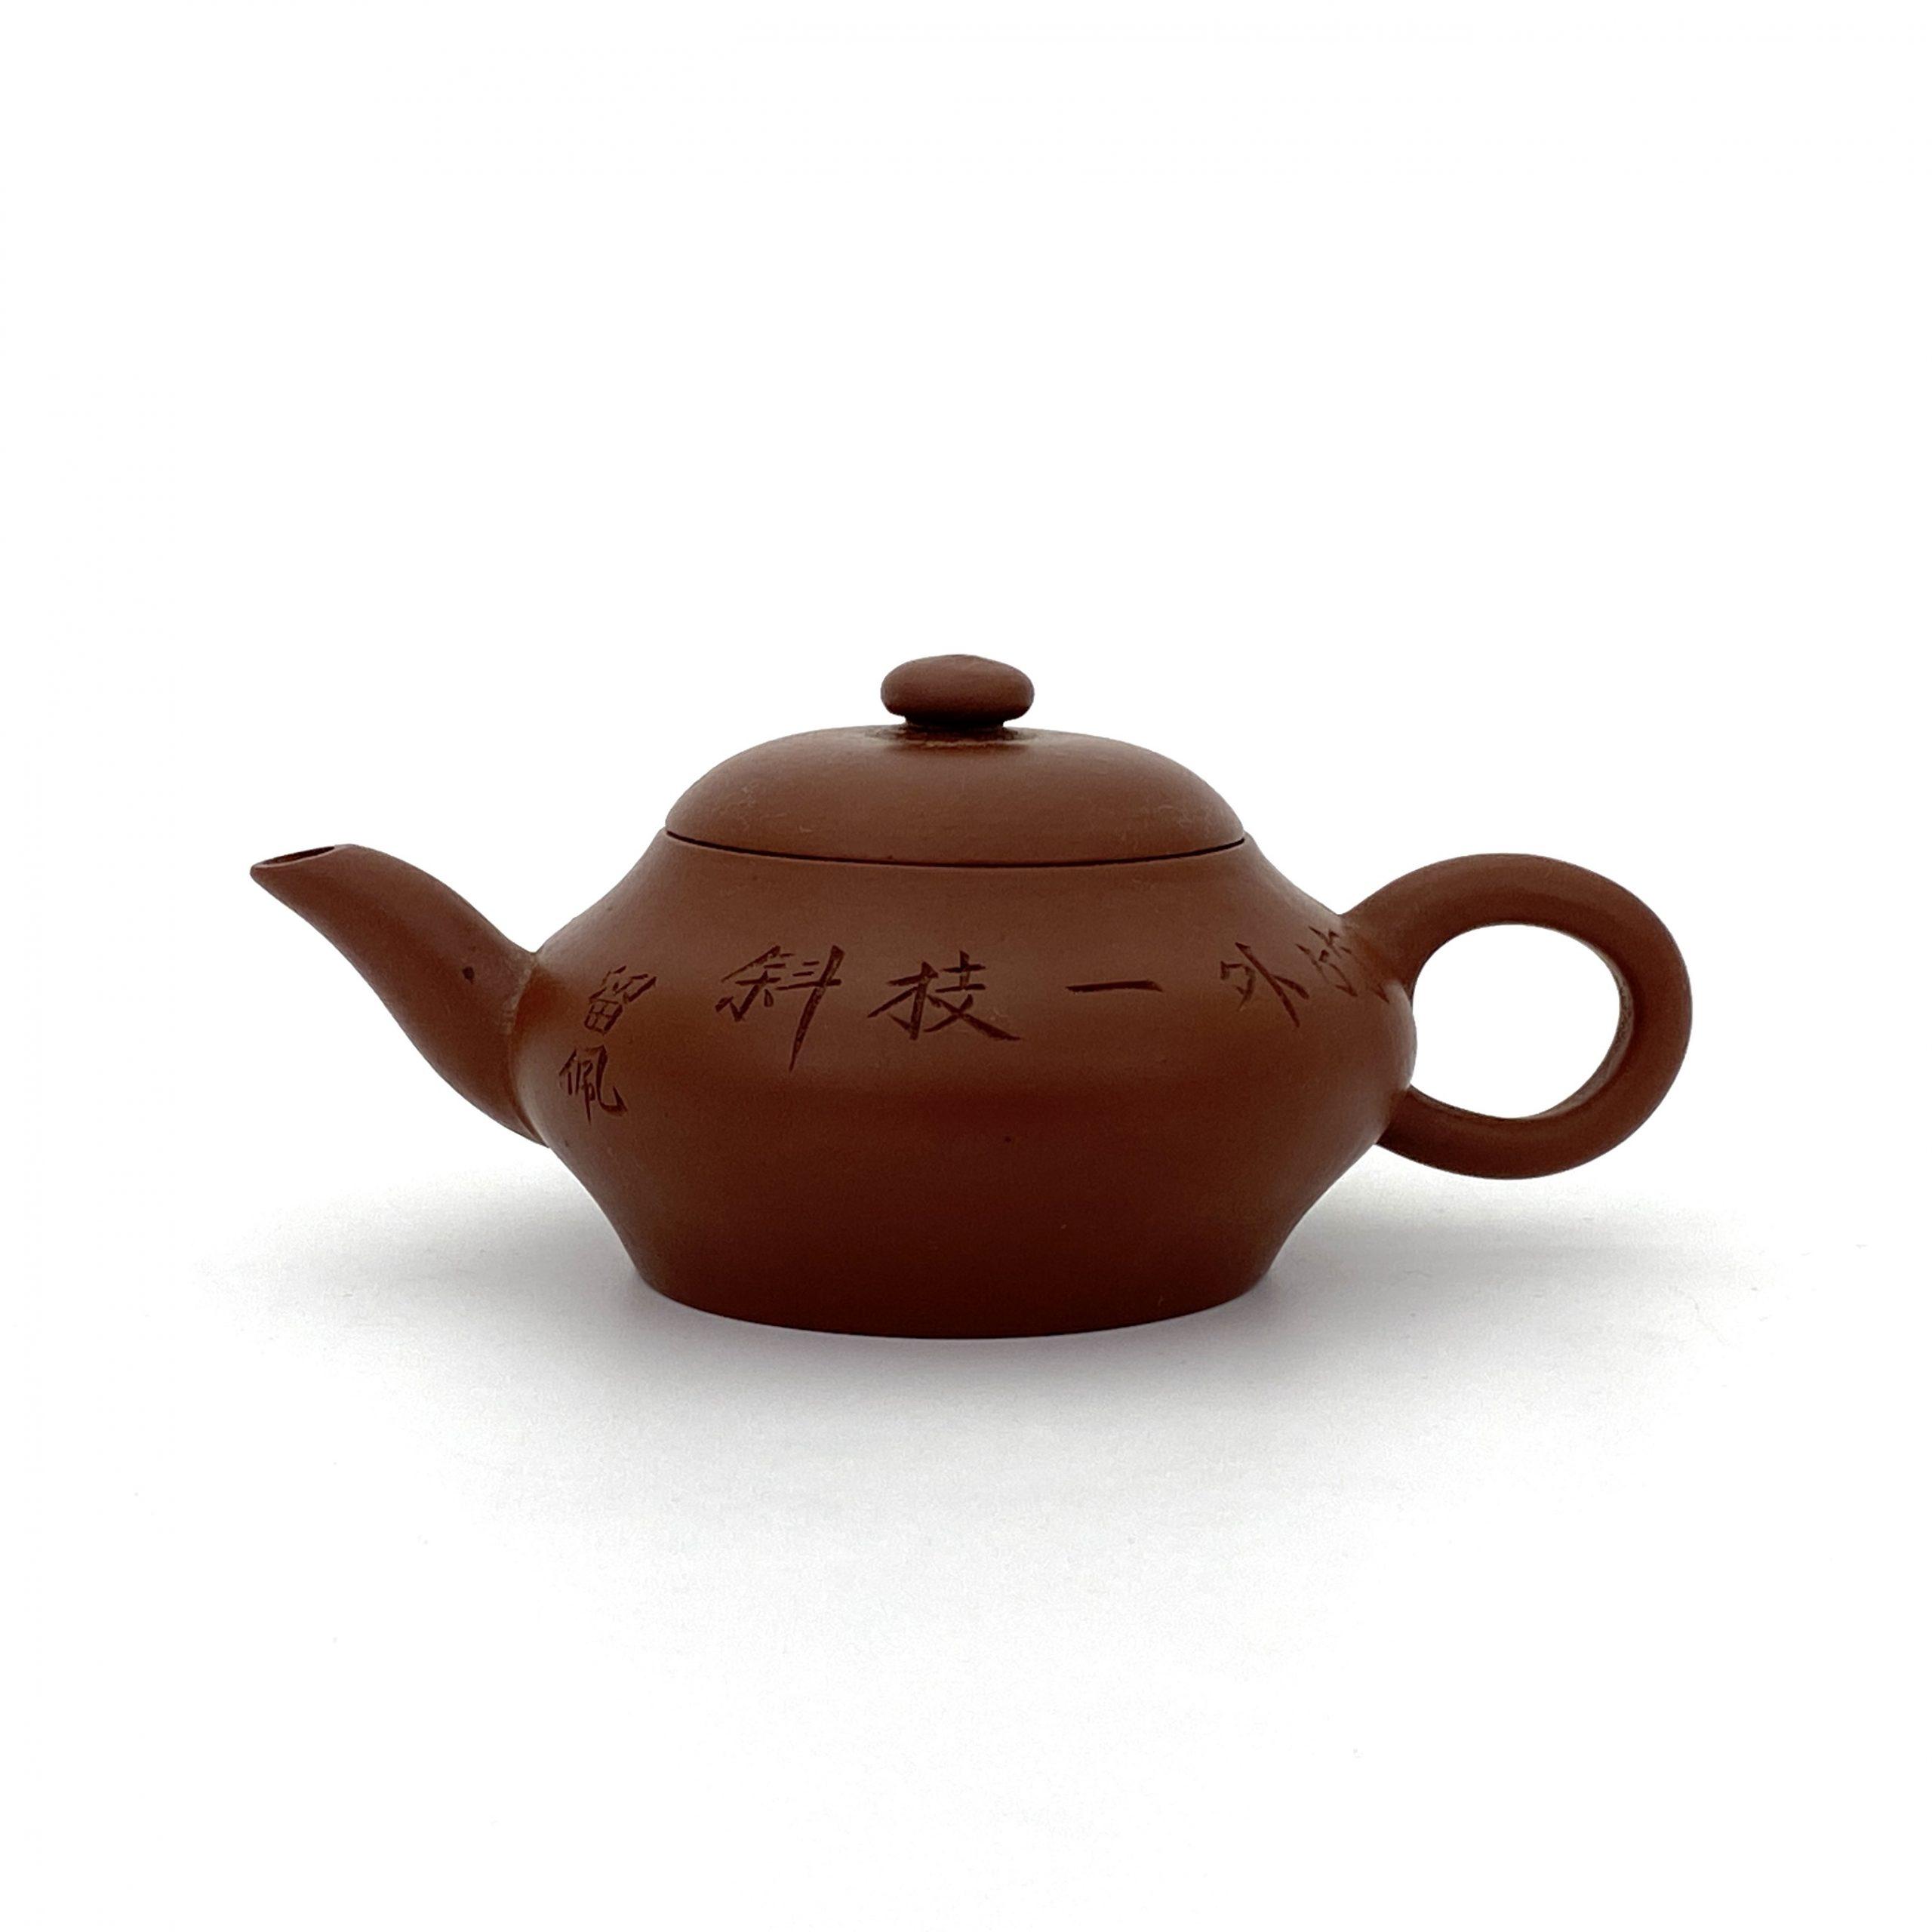 30471「恵孟臣製」「留佩」款 紫泥 刻詩文紋 茶壺